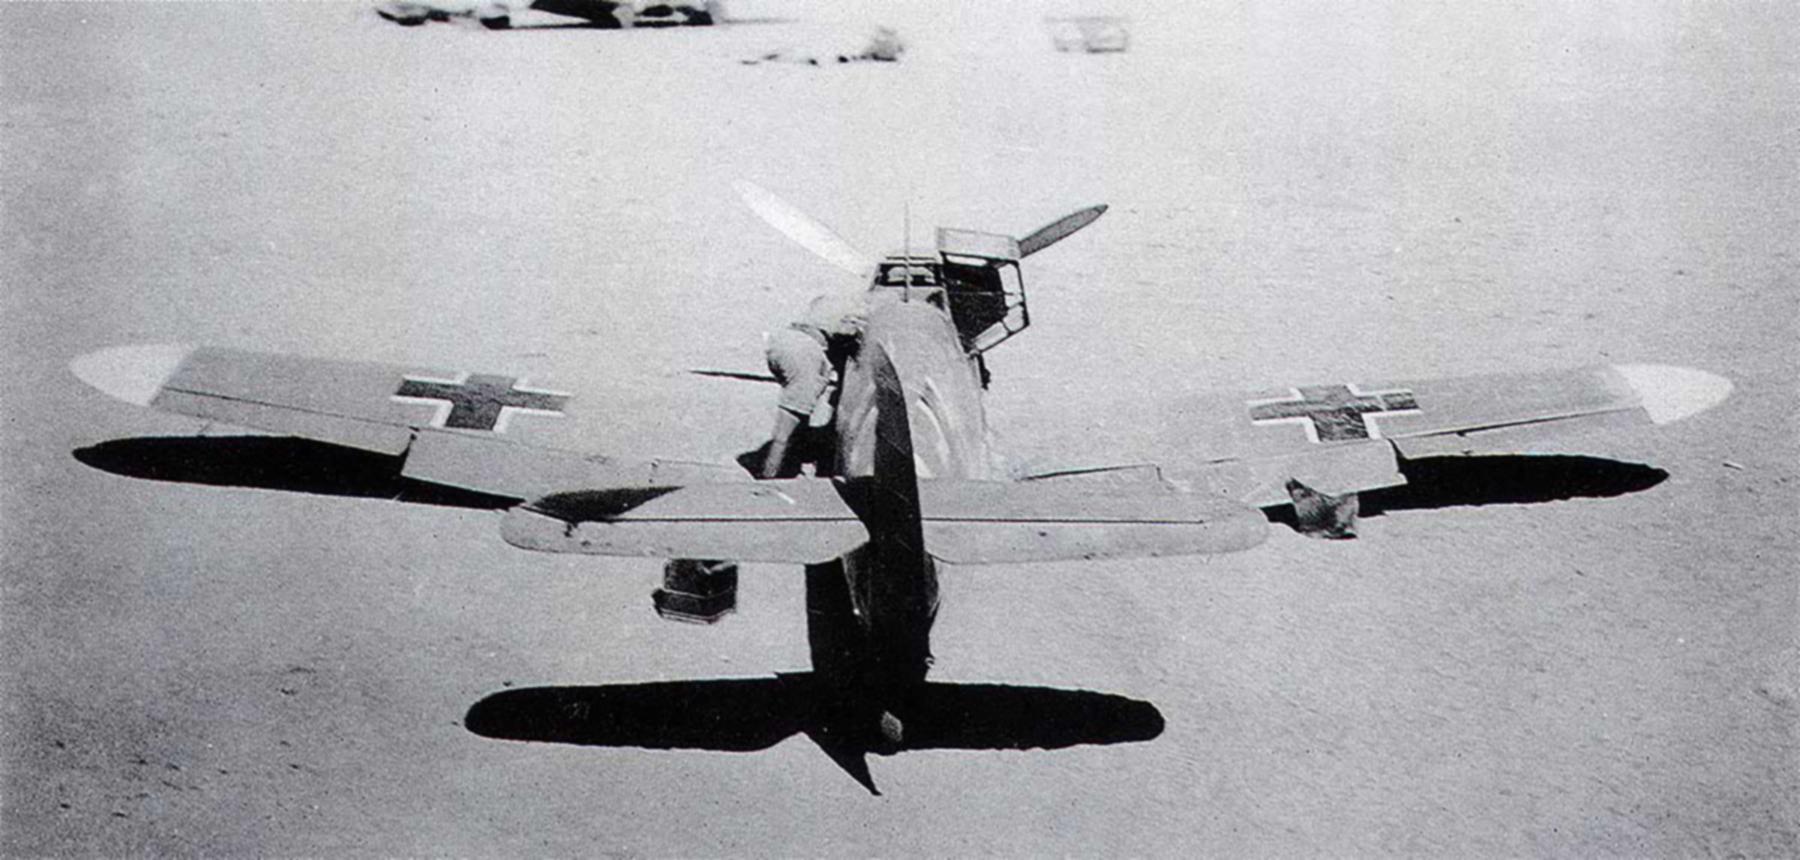 Messerschmitt Bf 109F4Trop abandoned North Africa 1942 01